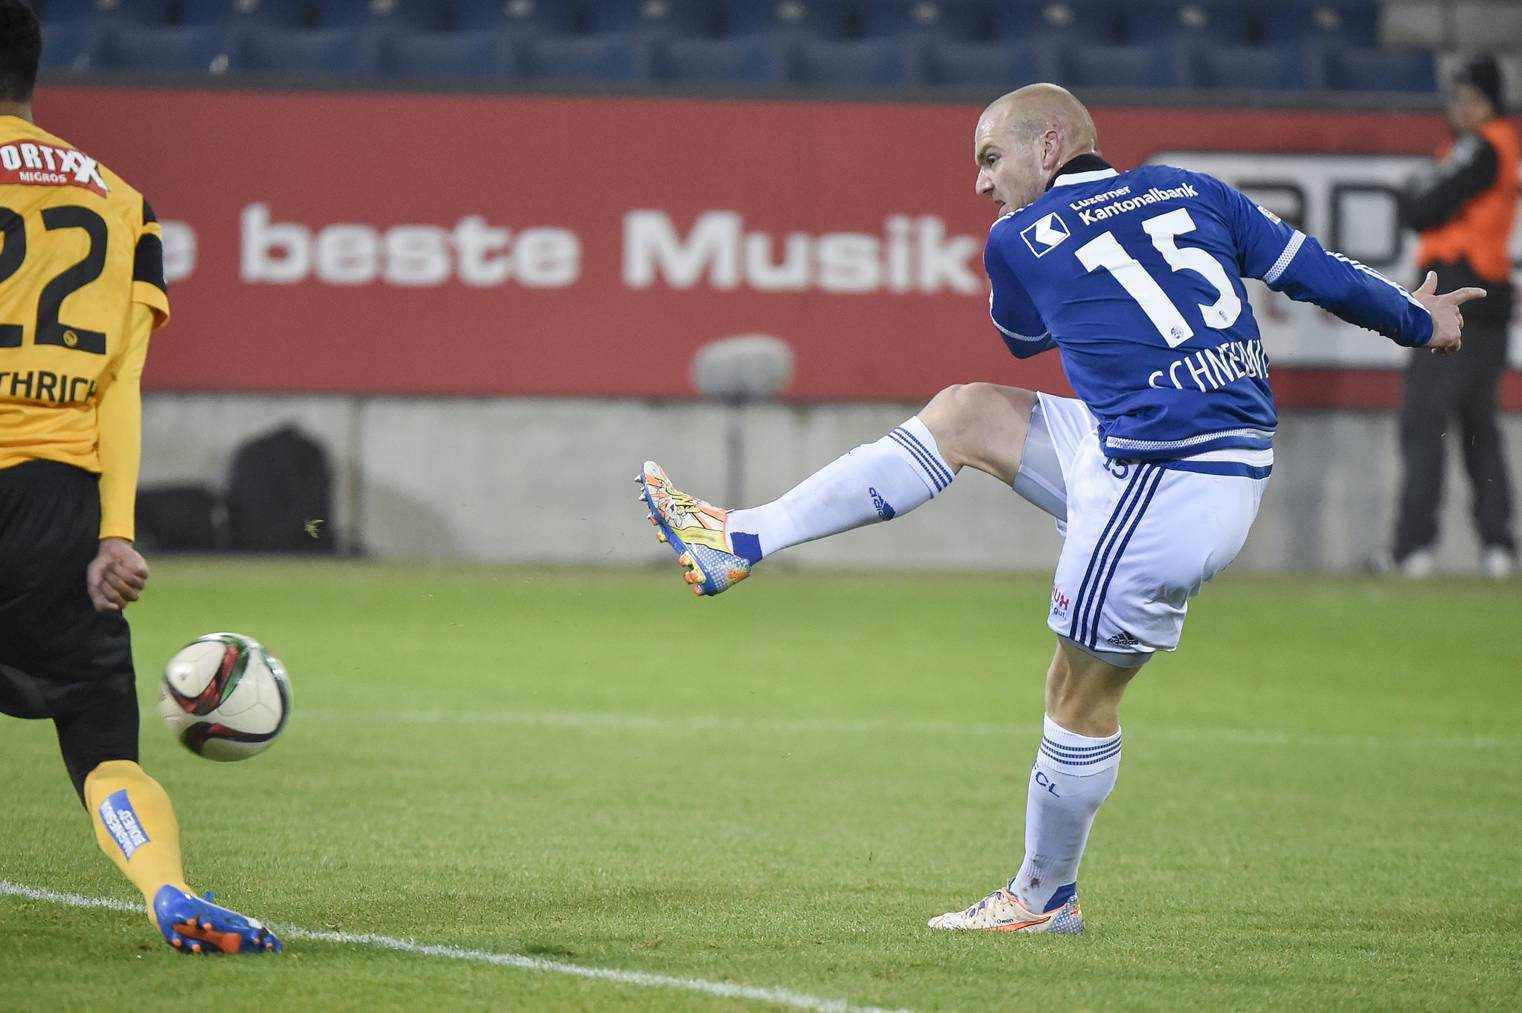 Marco Schneuwly erzielte in der 16. Minute das 1:0. Es ist sein sechstes Tor in dieser Saison